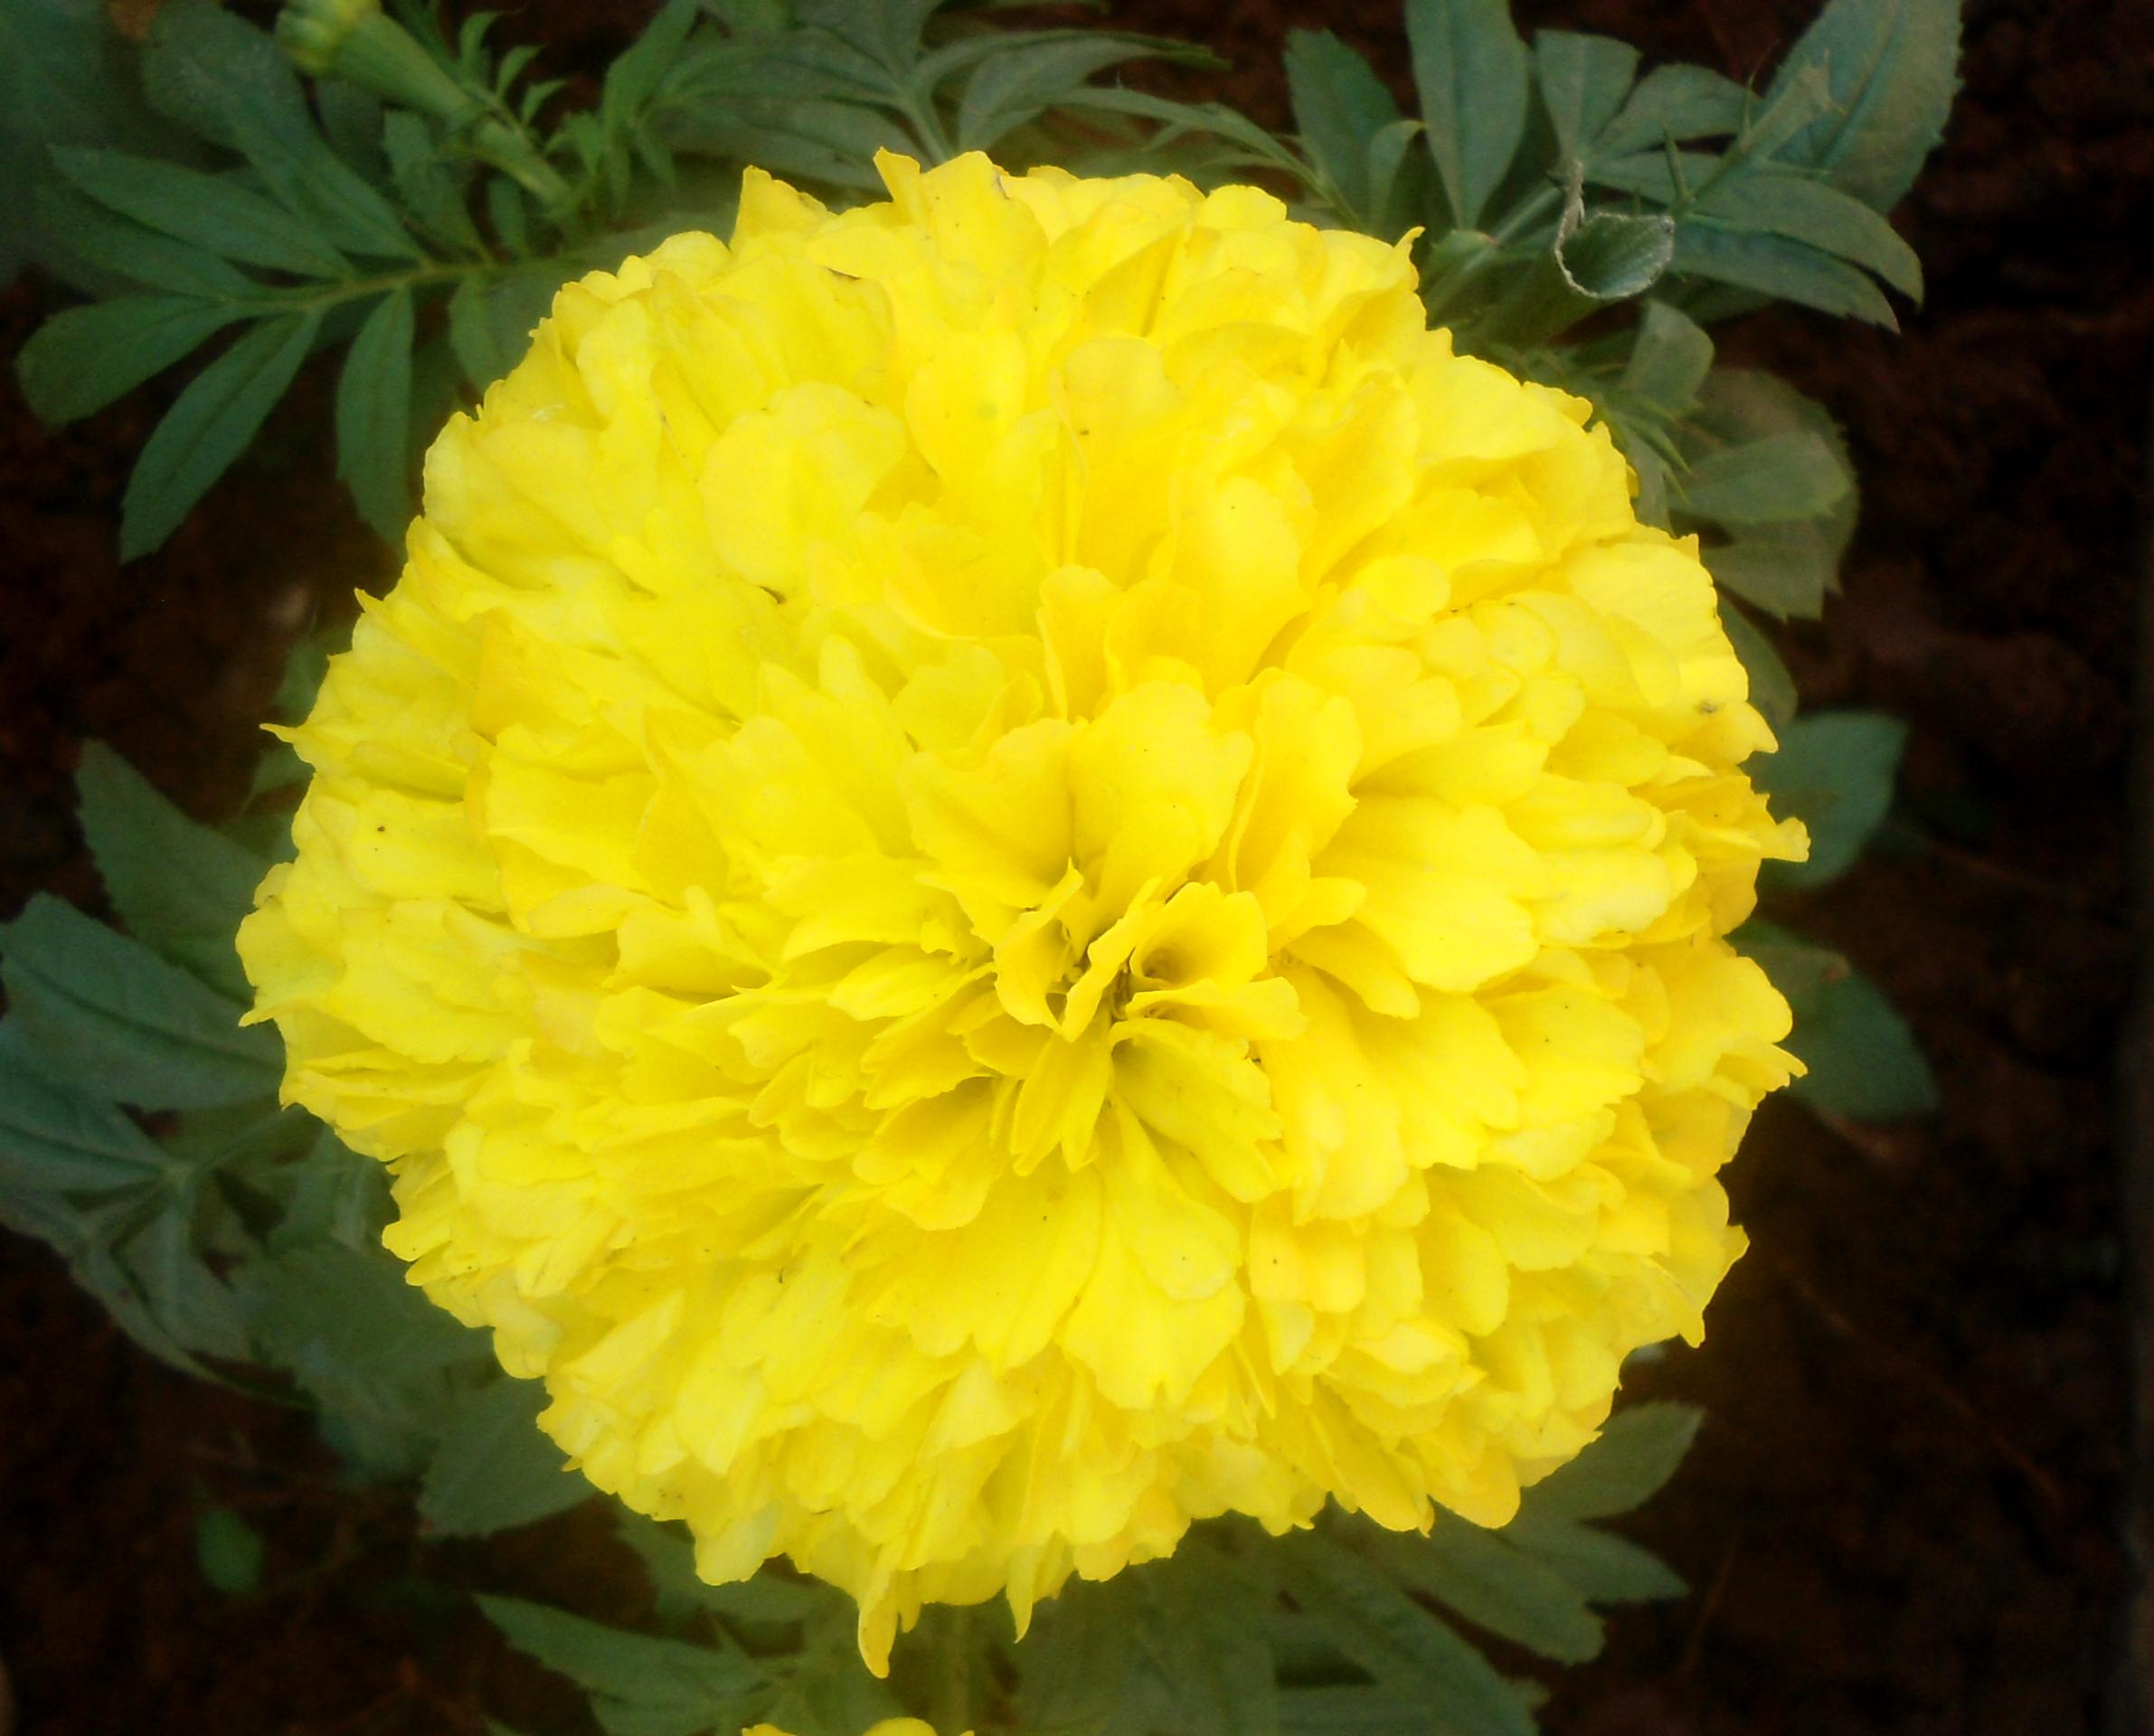 filetagetes erecta marigold flower at madhurawada, Natural flower